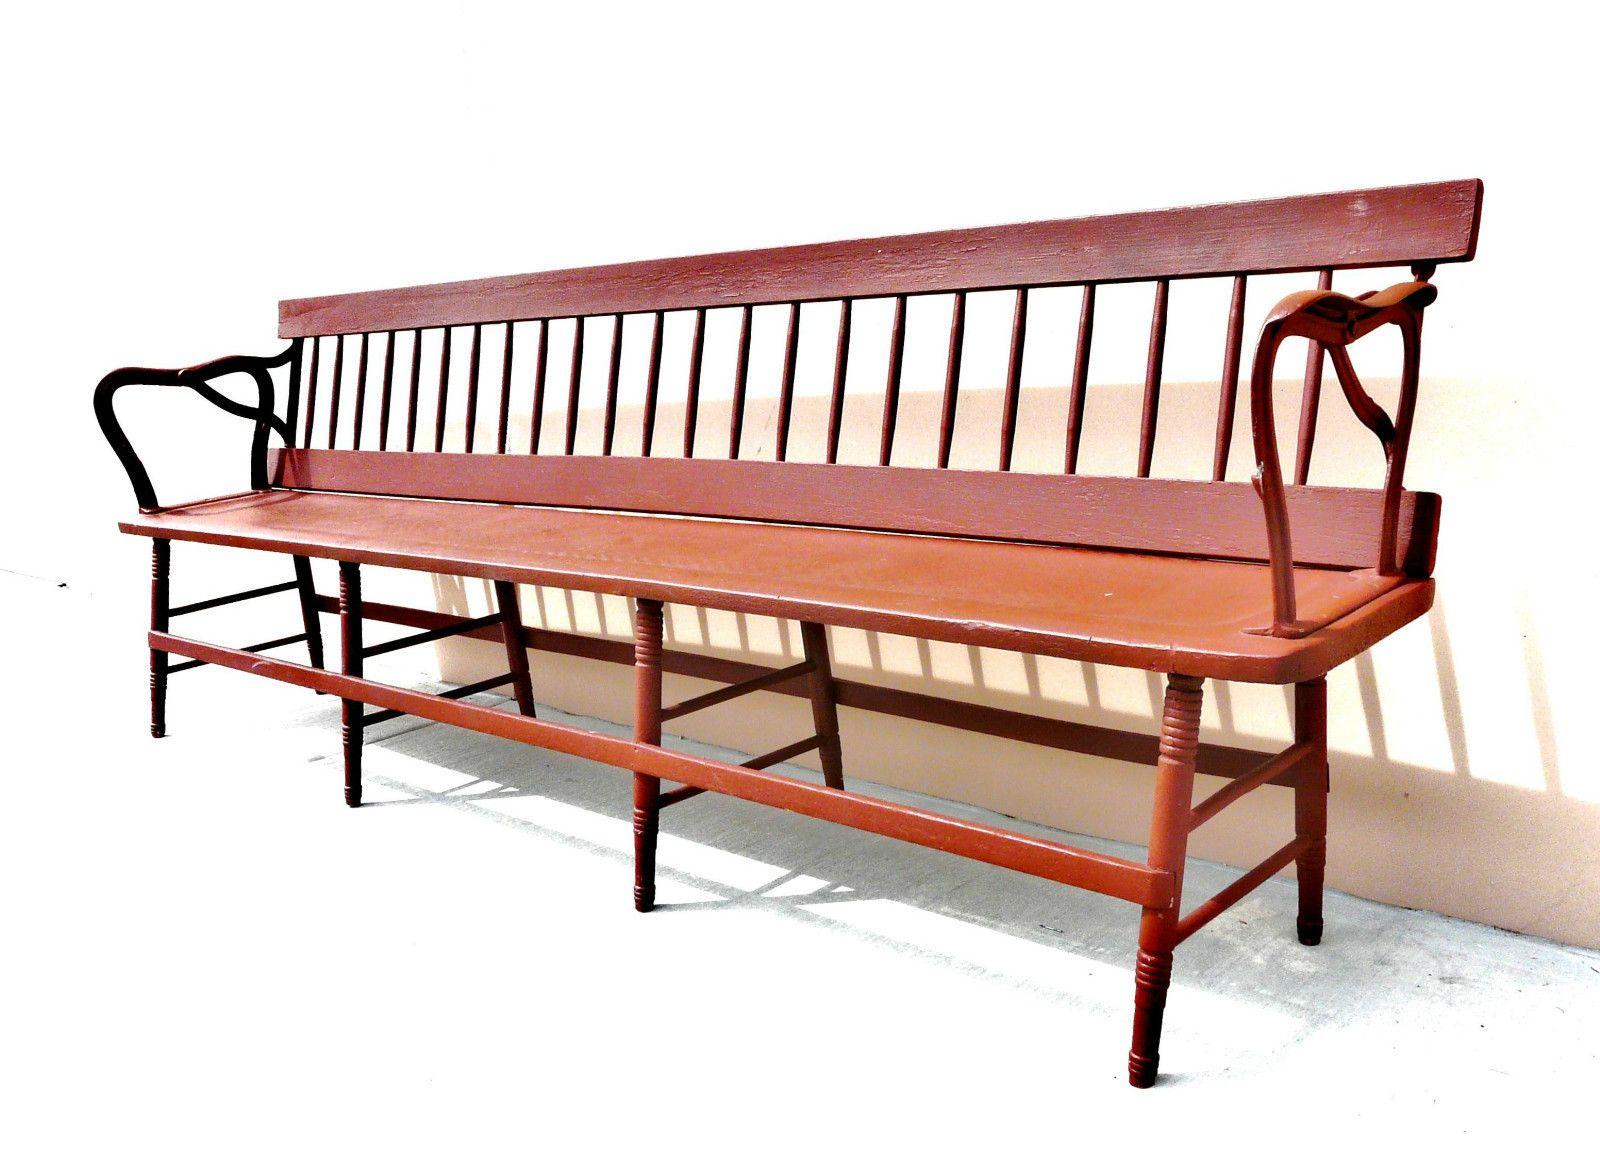 Superb Long Antique Train Depot Bench 2 Sides Center Platform Ibusinesslaw Wood Chair Design Ideas Ibusinesslaworg